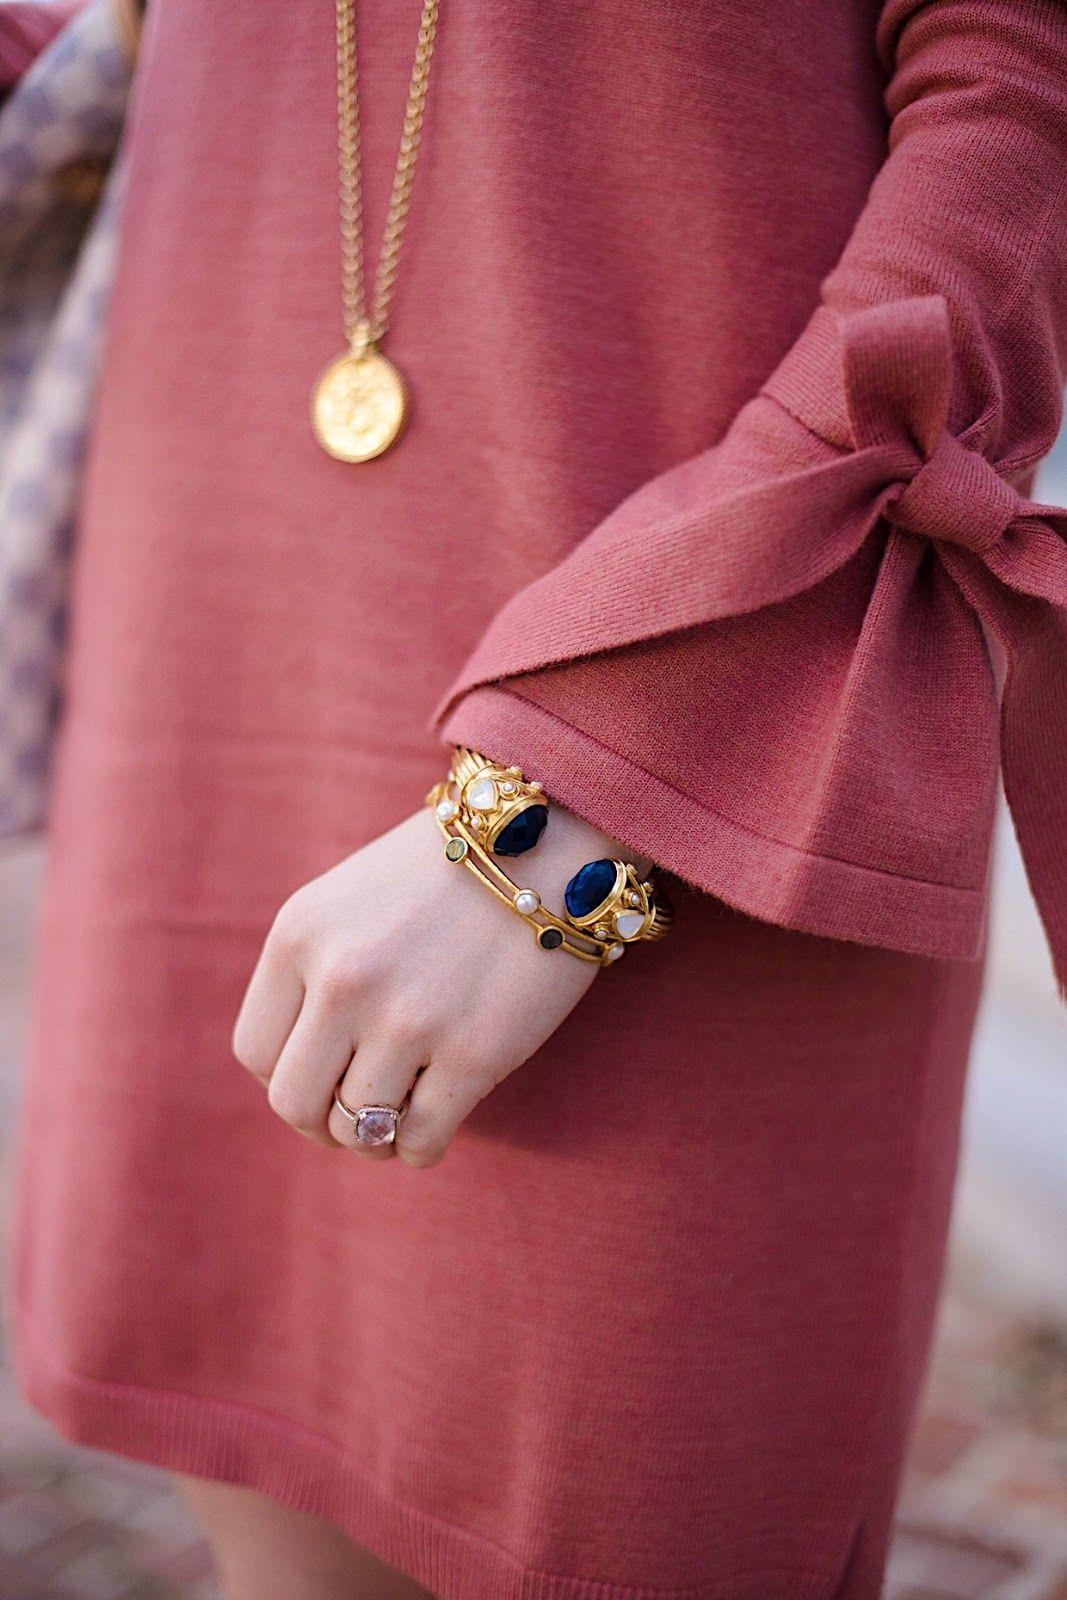 bbfc90b8953 Julie Vos Necklace and Bracelets - Something Delightful Blog